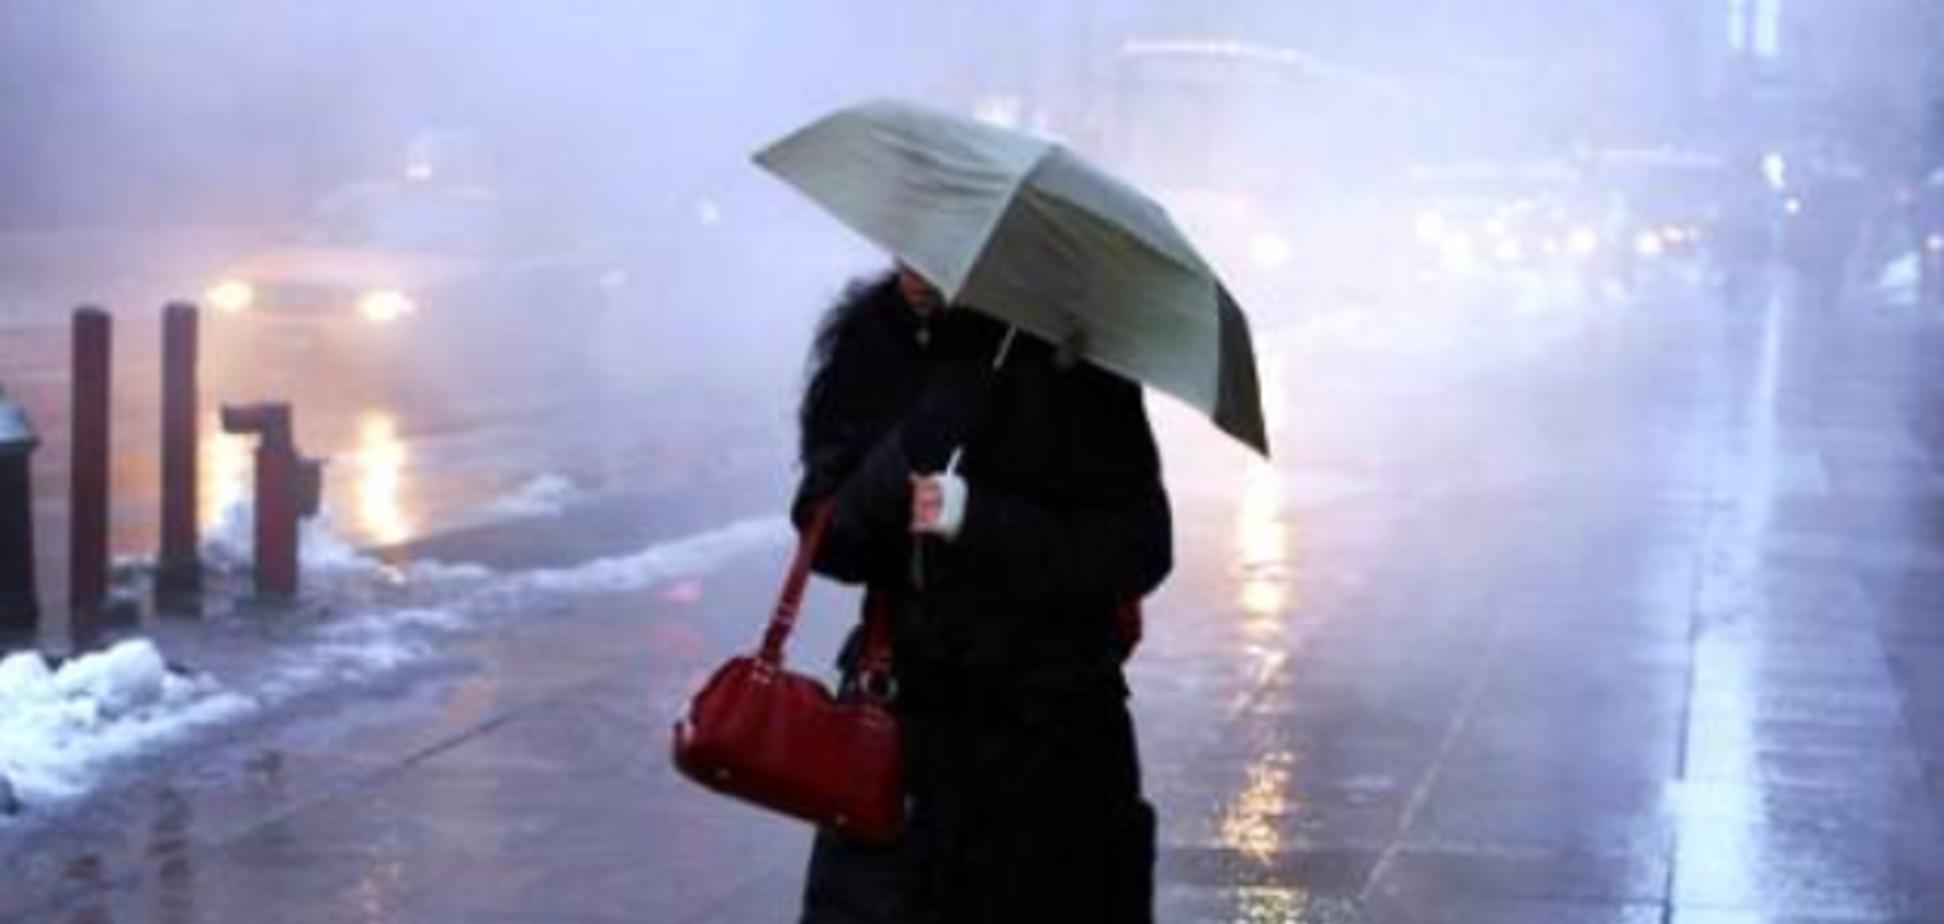 Погода в Україні: з'явився прогноз на початок тижня